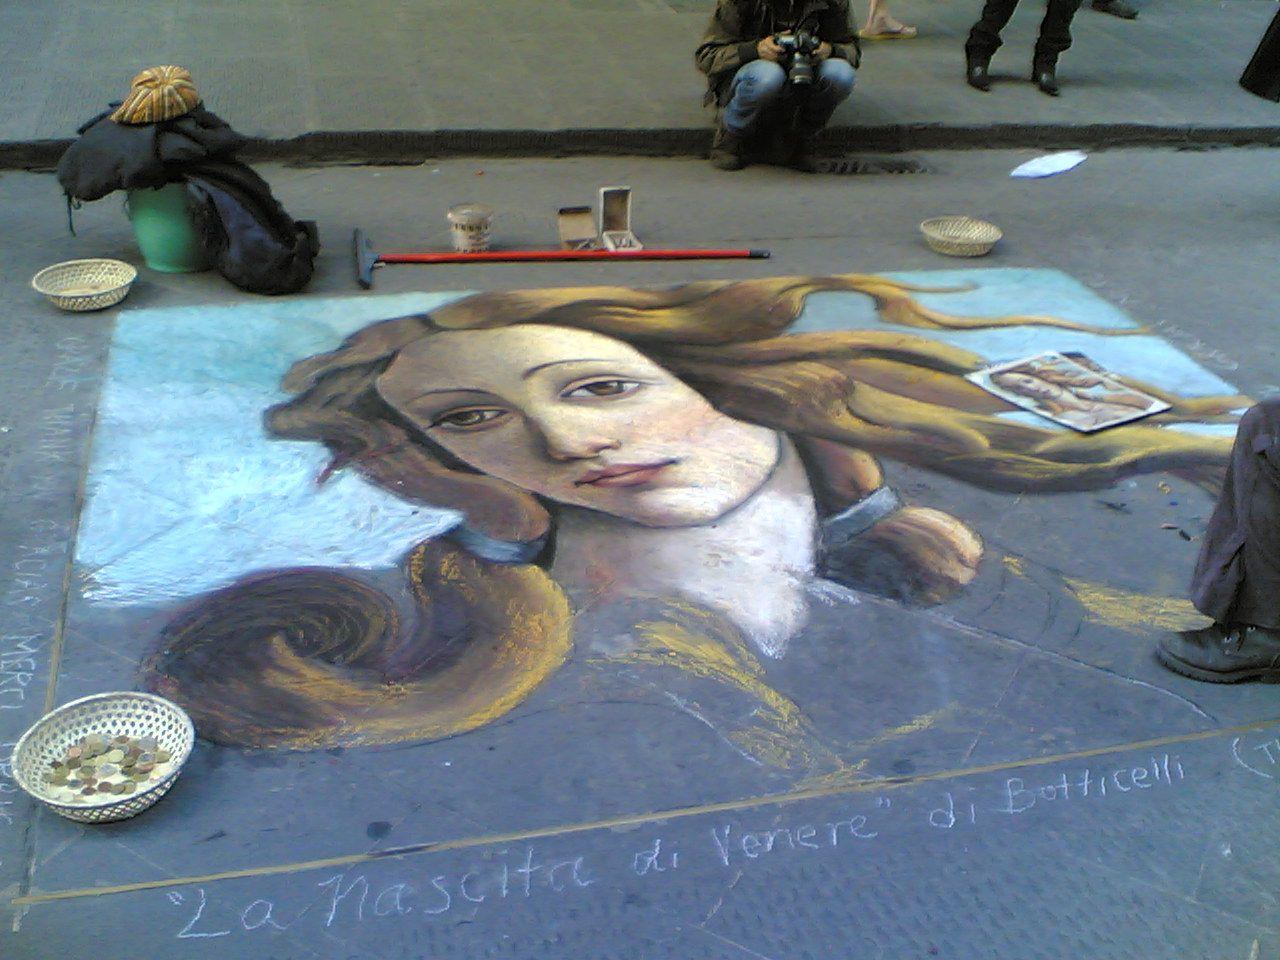 Madonnari a Firenze